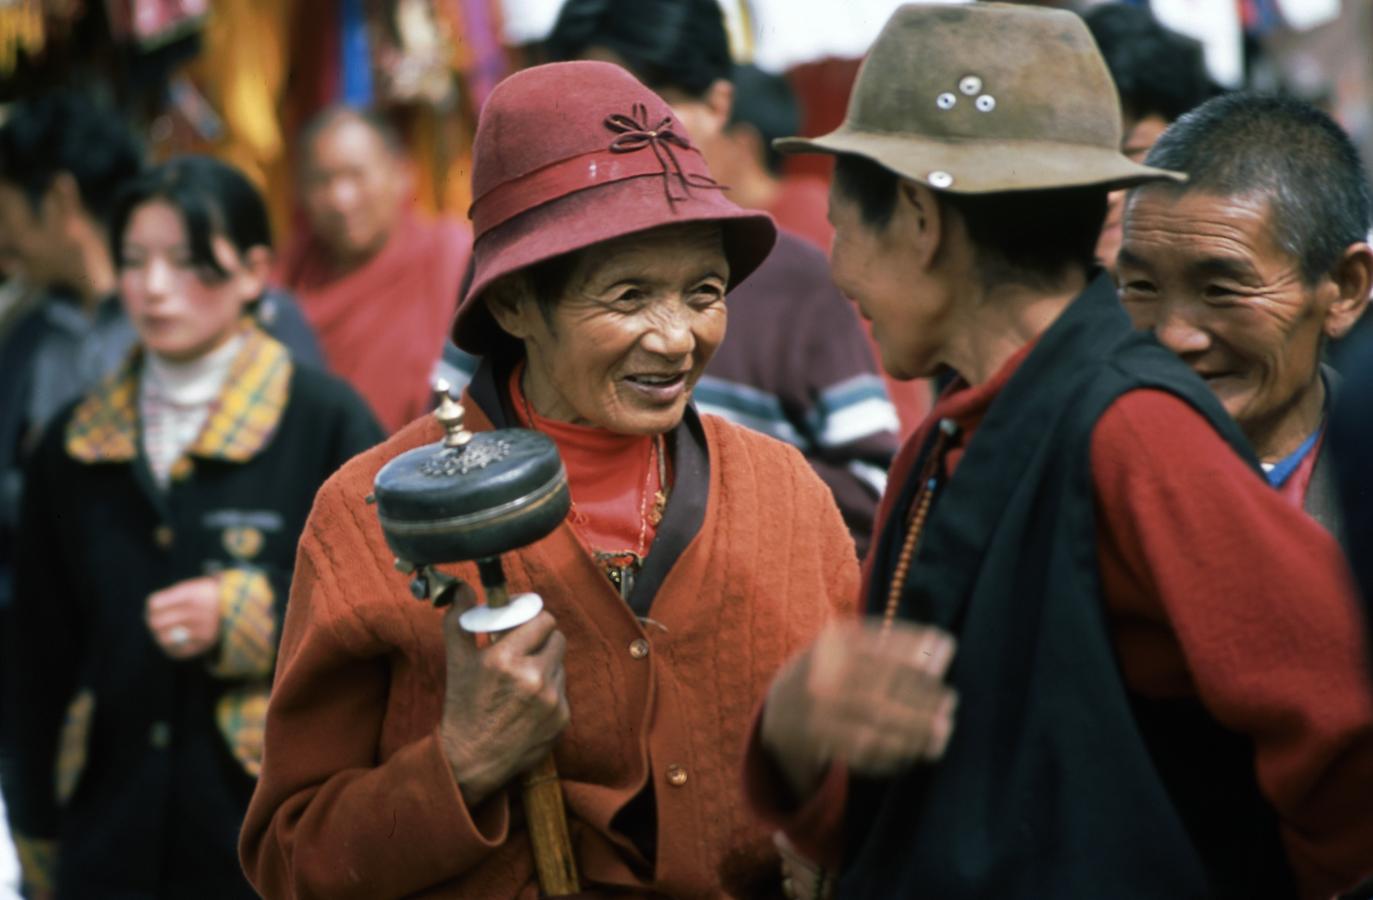 outside-the-jokhang-temple-lhasa-tibet-2000